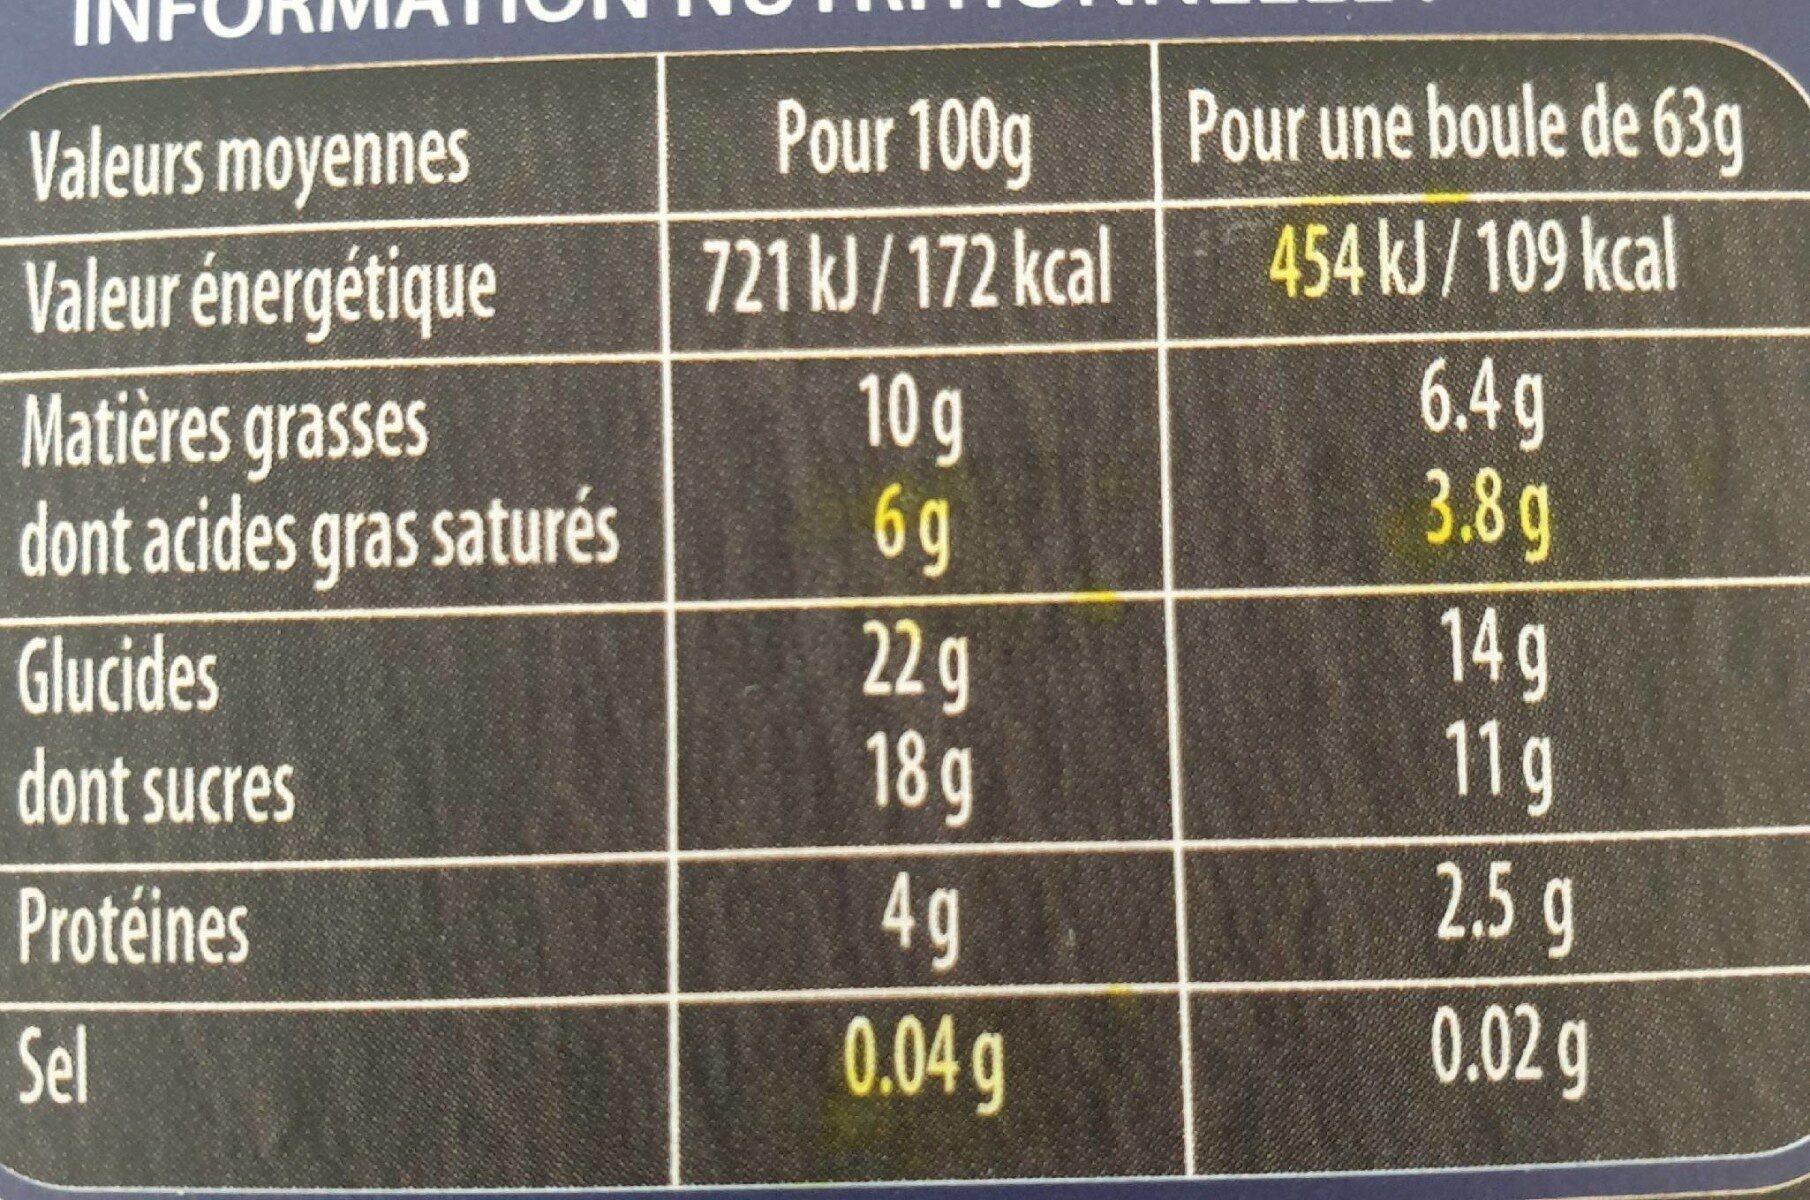 Crème glacée Vanille - Nutrition facts - fr